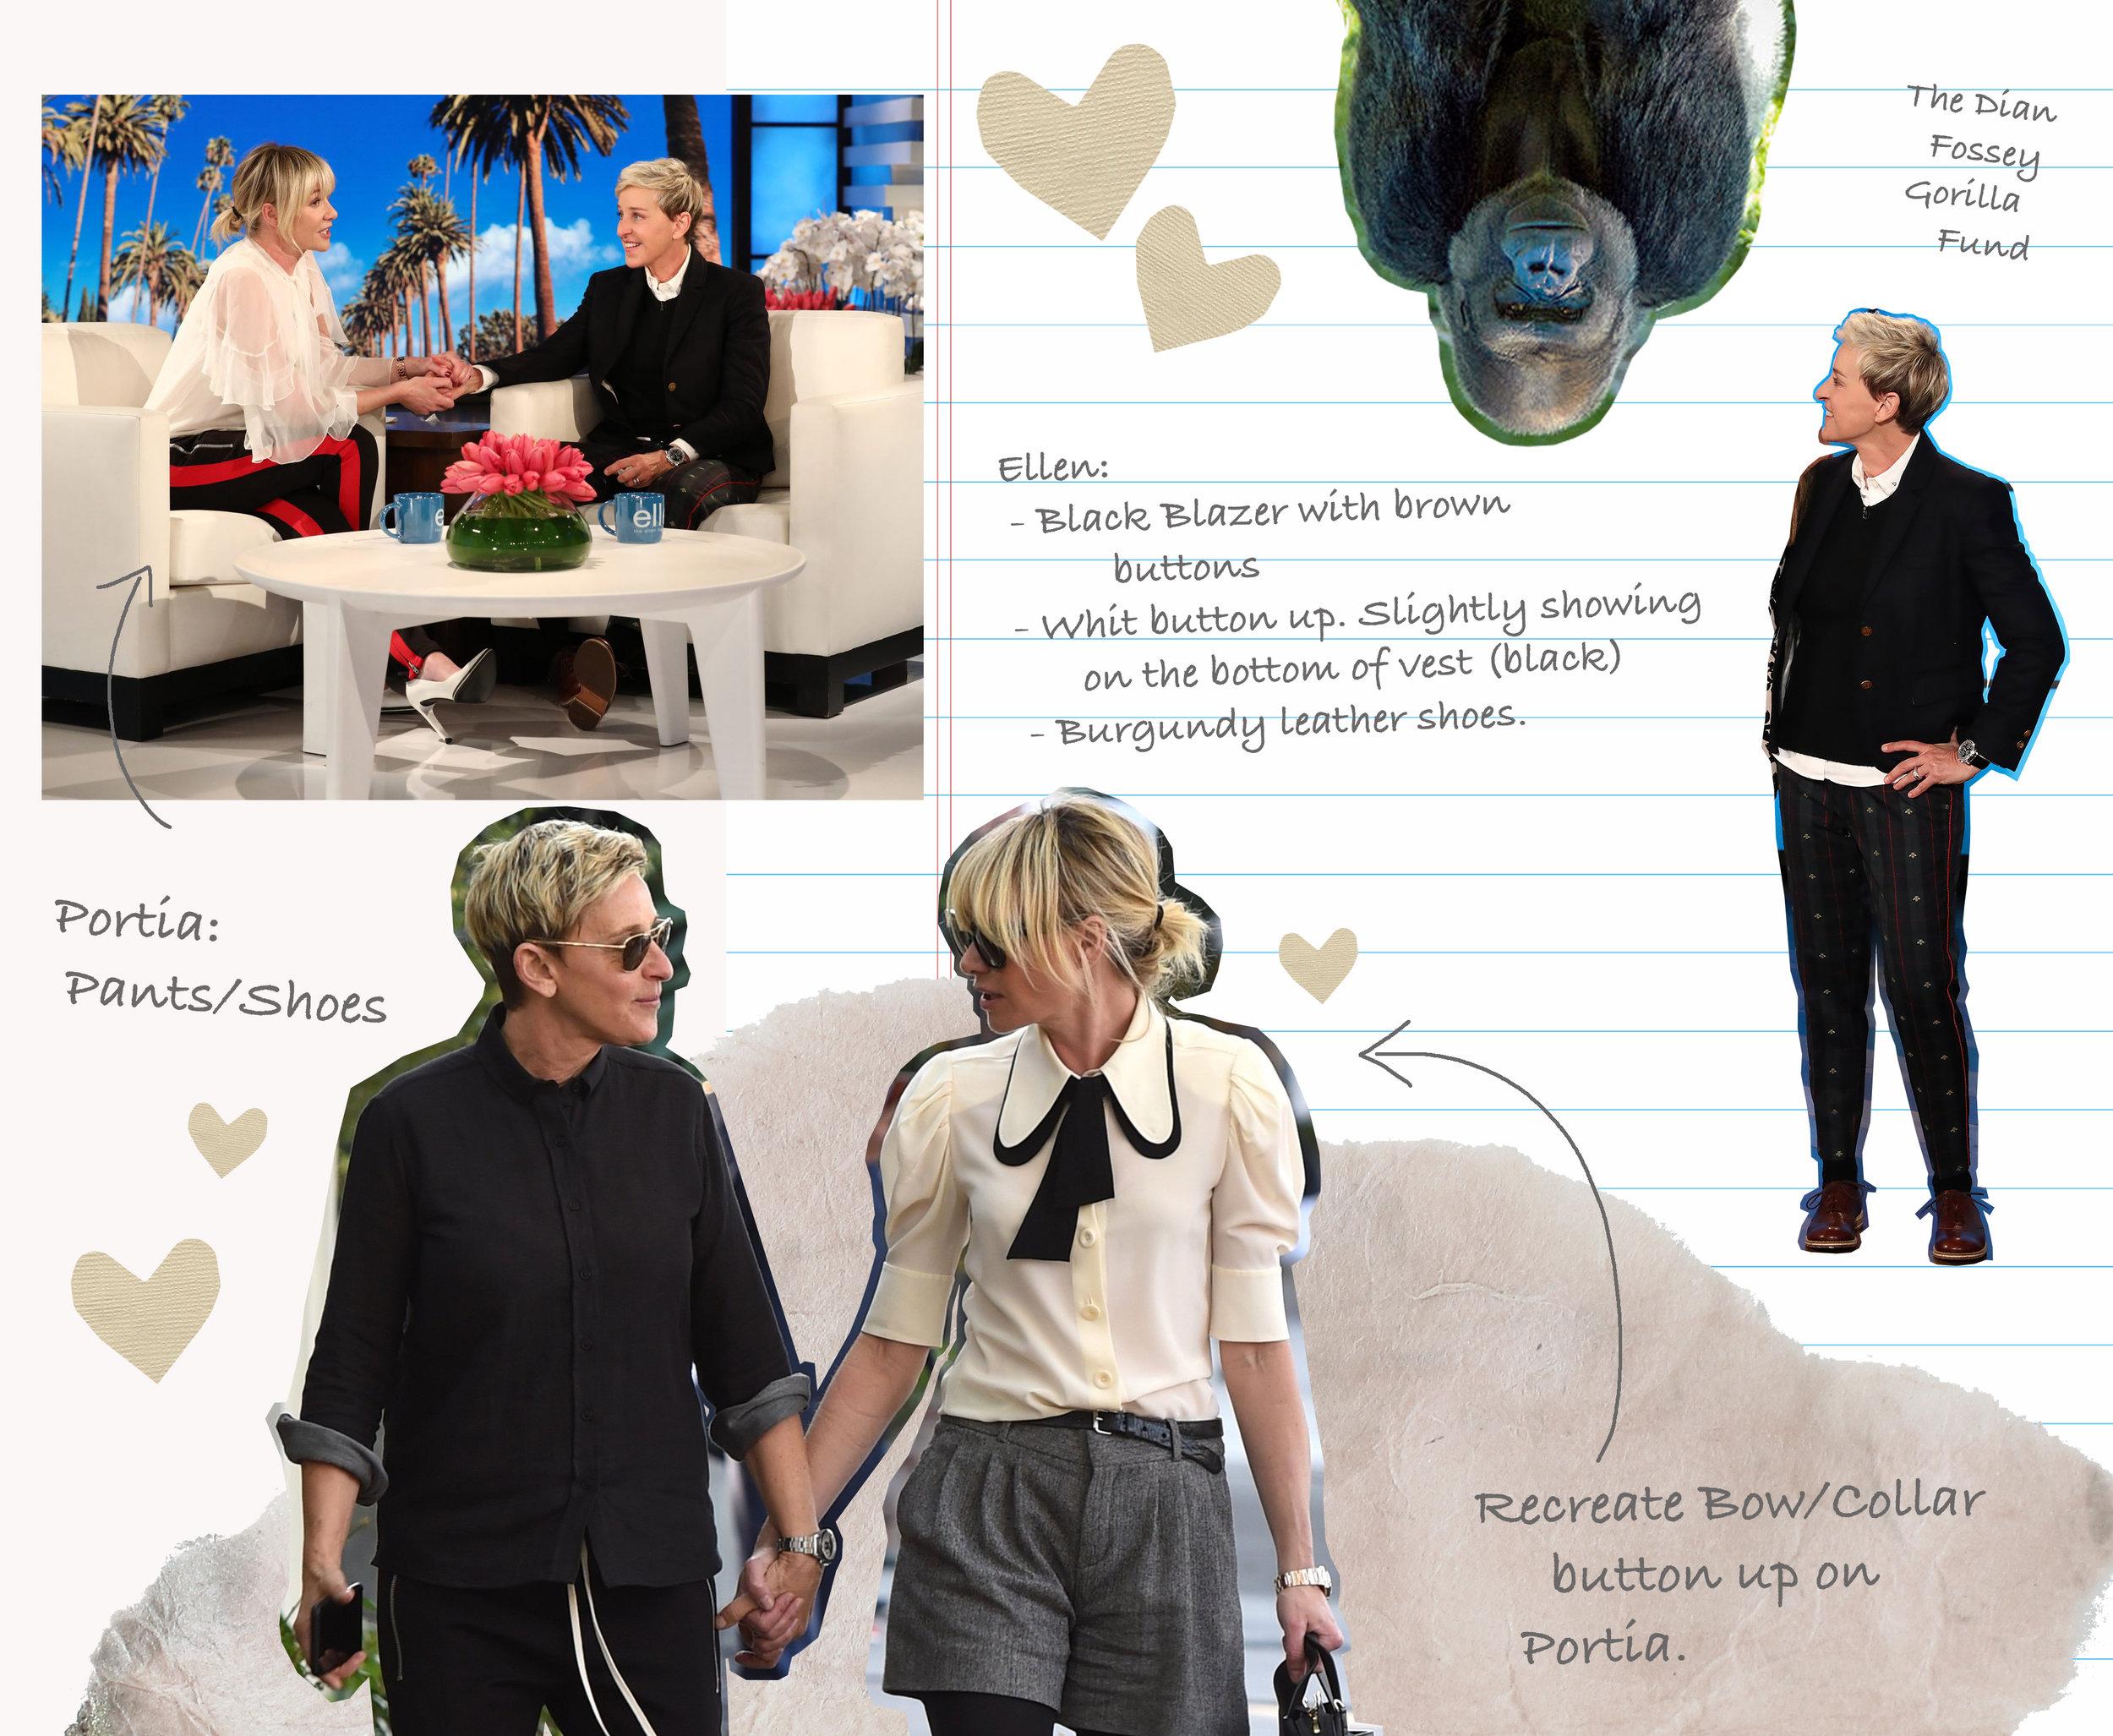 Customization process for Ellen DeGeneres and Portia de Rossi